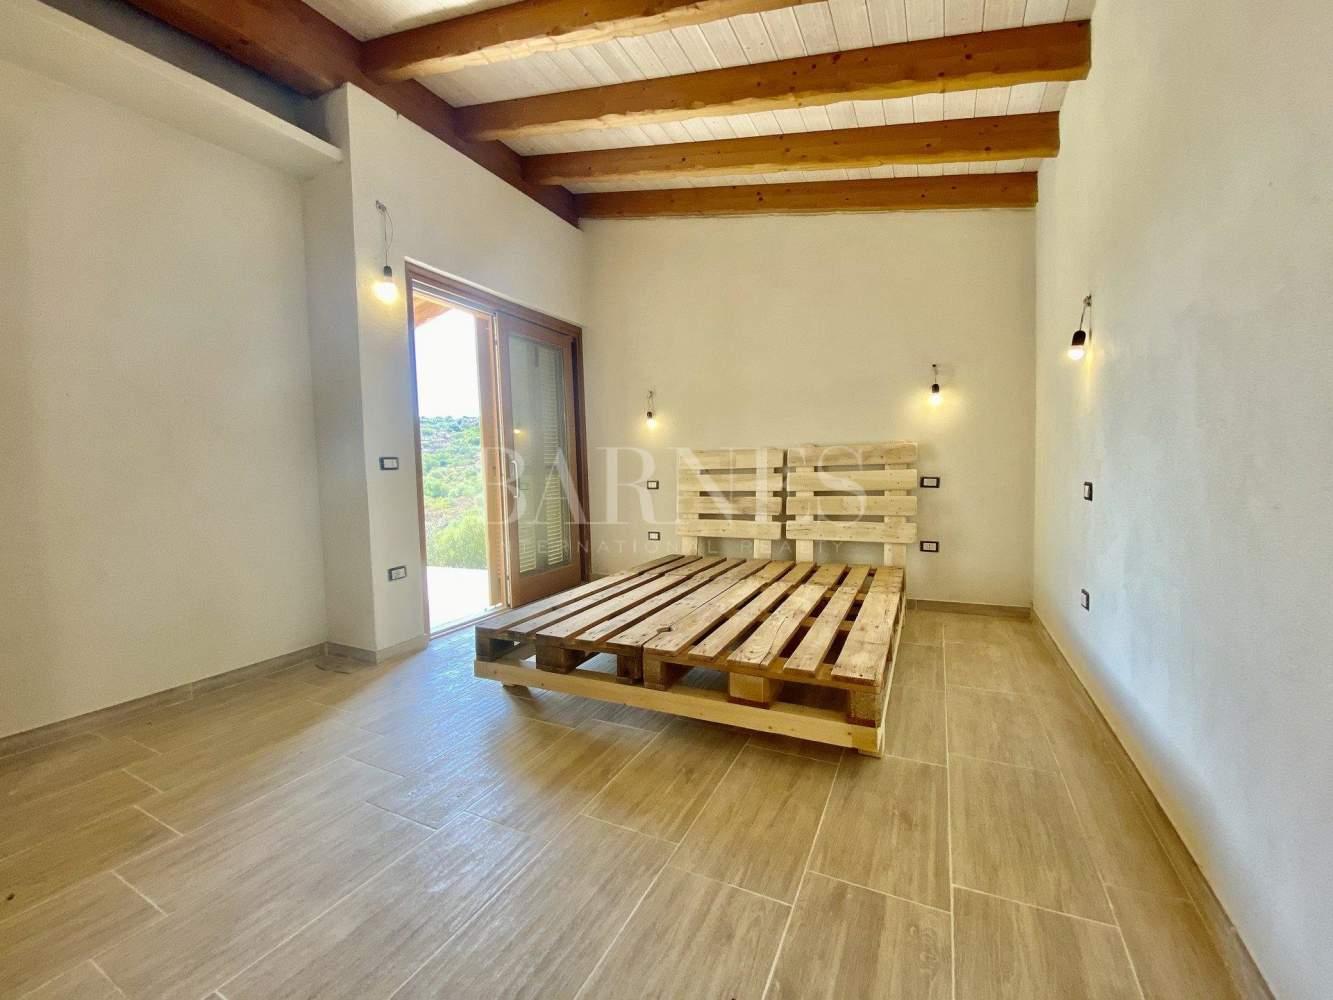 Loiri Porto San Paolo  - Maison 4 Pièces 2 Chambres - picture 13